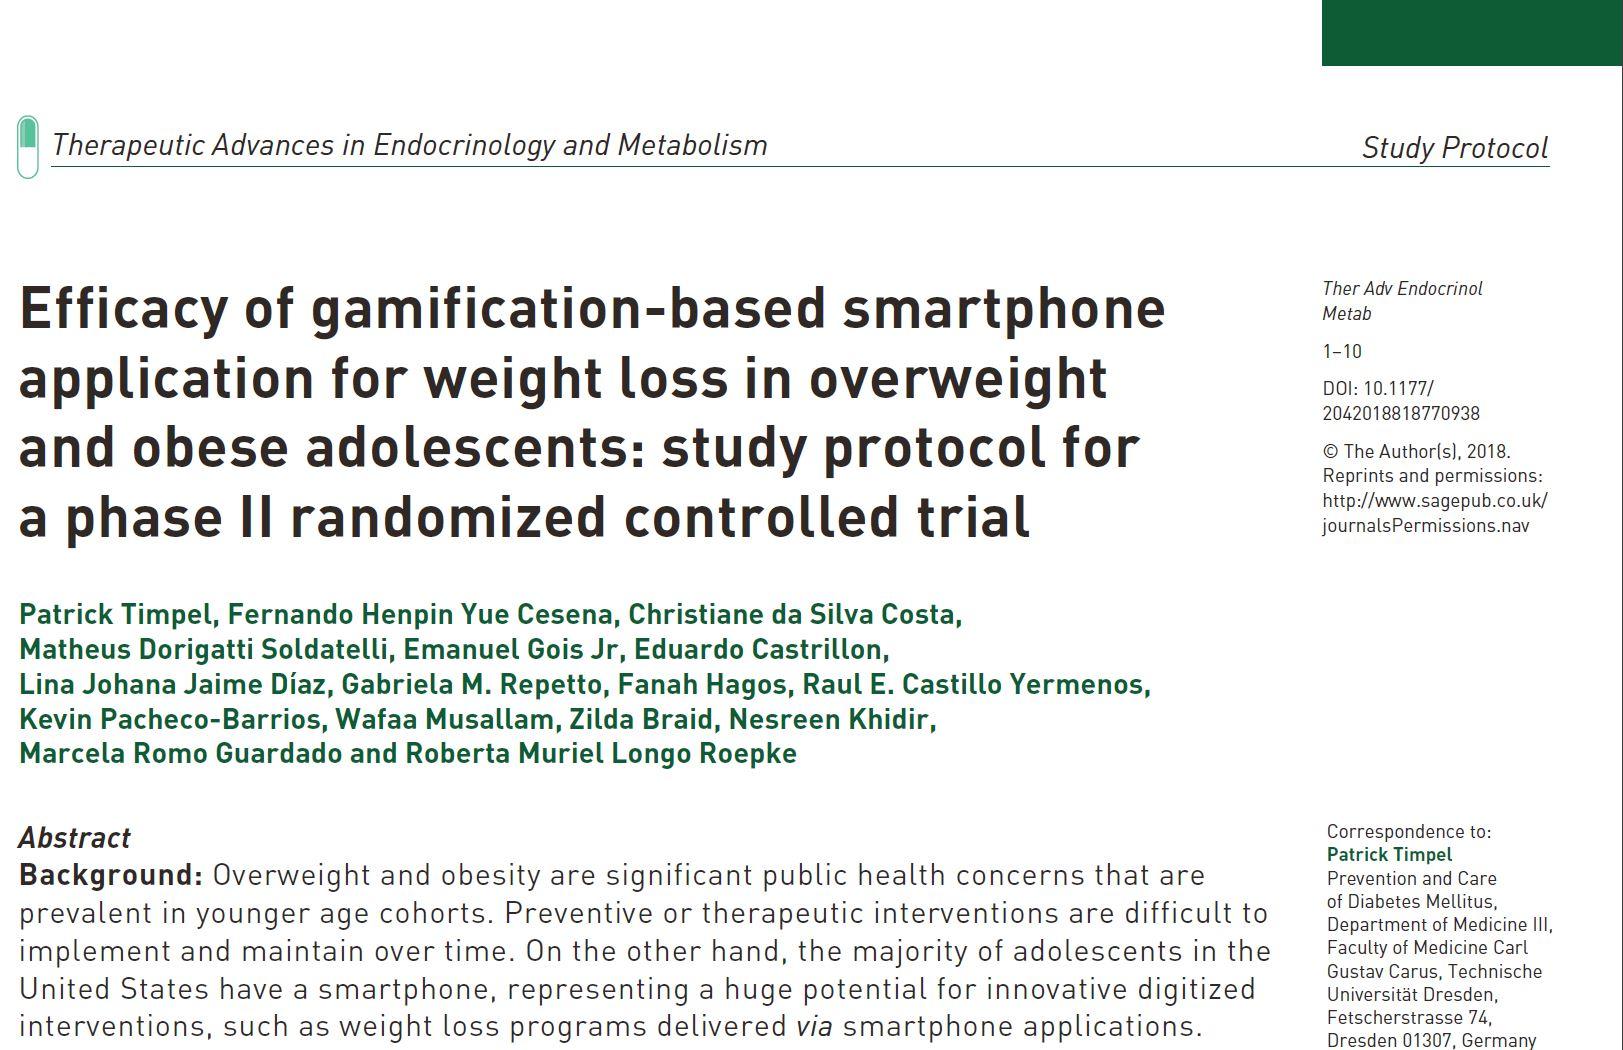 Studienprotokoll zur Evaluation einer gamification-basierten Smartphone-Applikation veröffentlicht